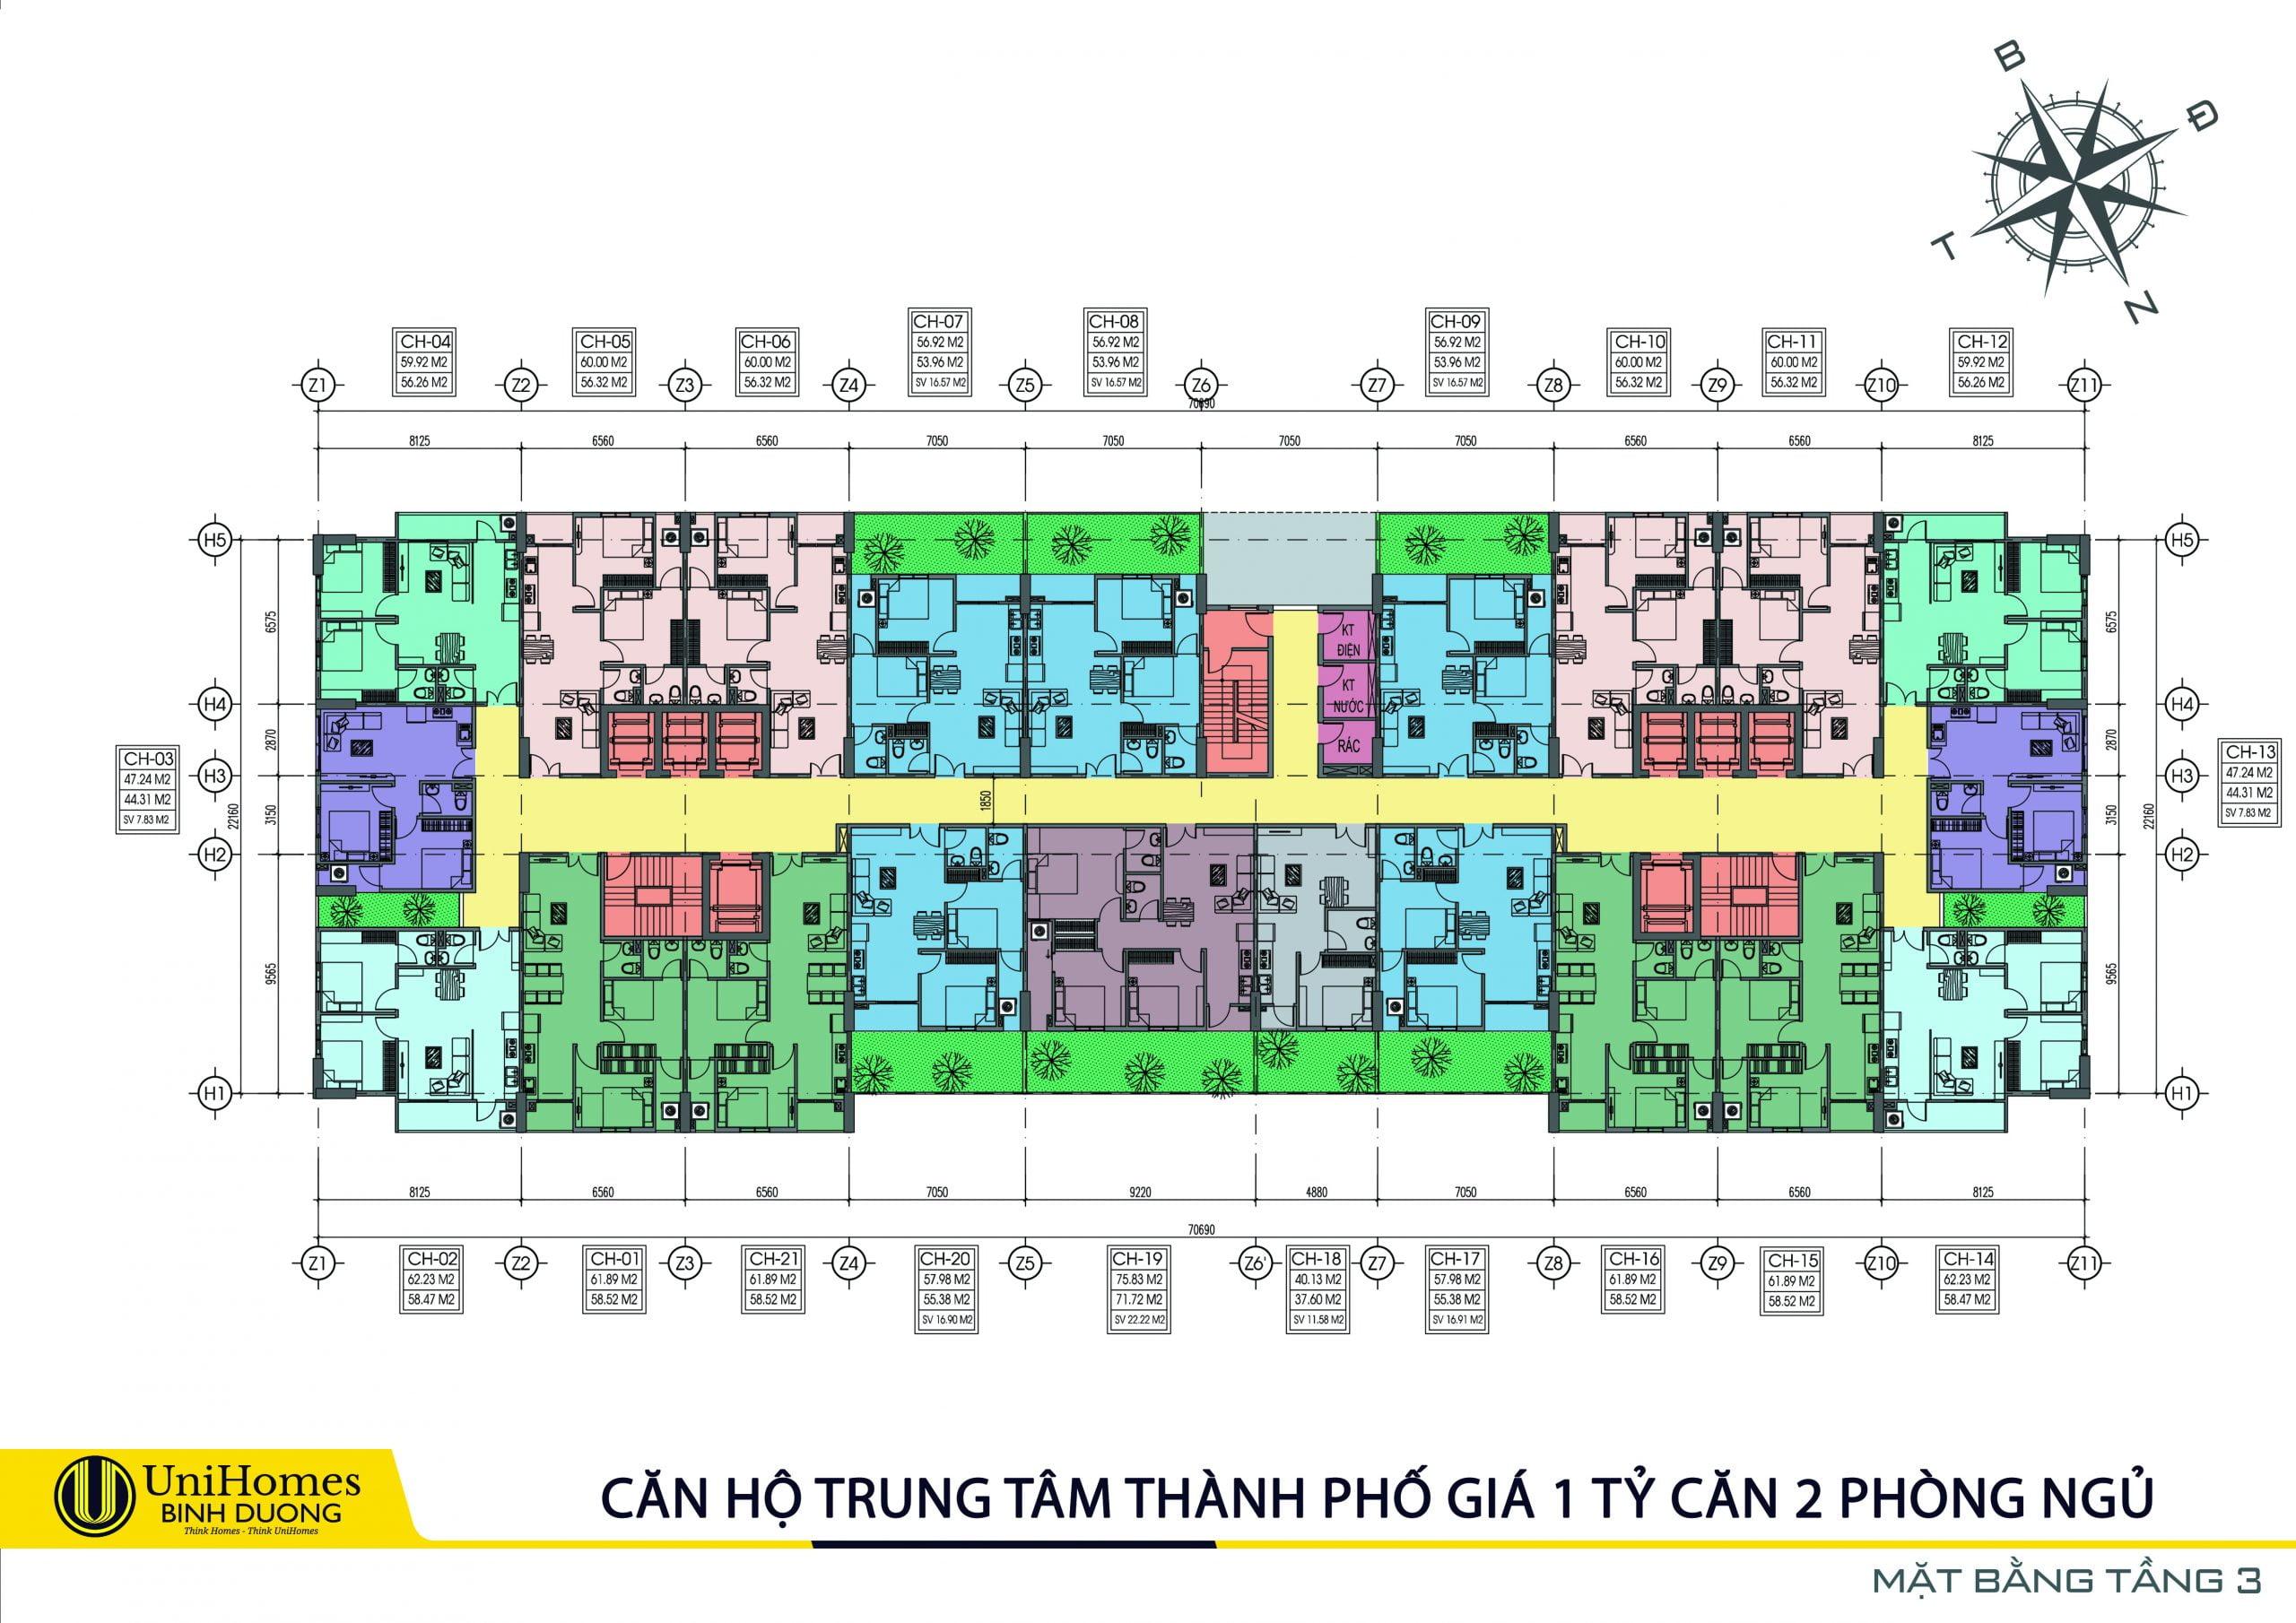 Thiết kế mặt bằng tầng 3 căn hộ tecco home an phú bình dương